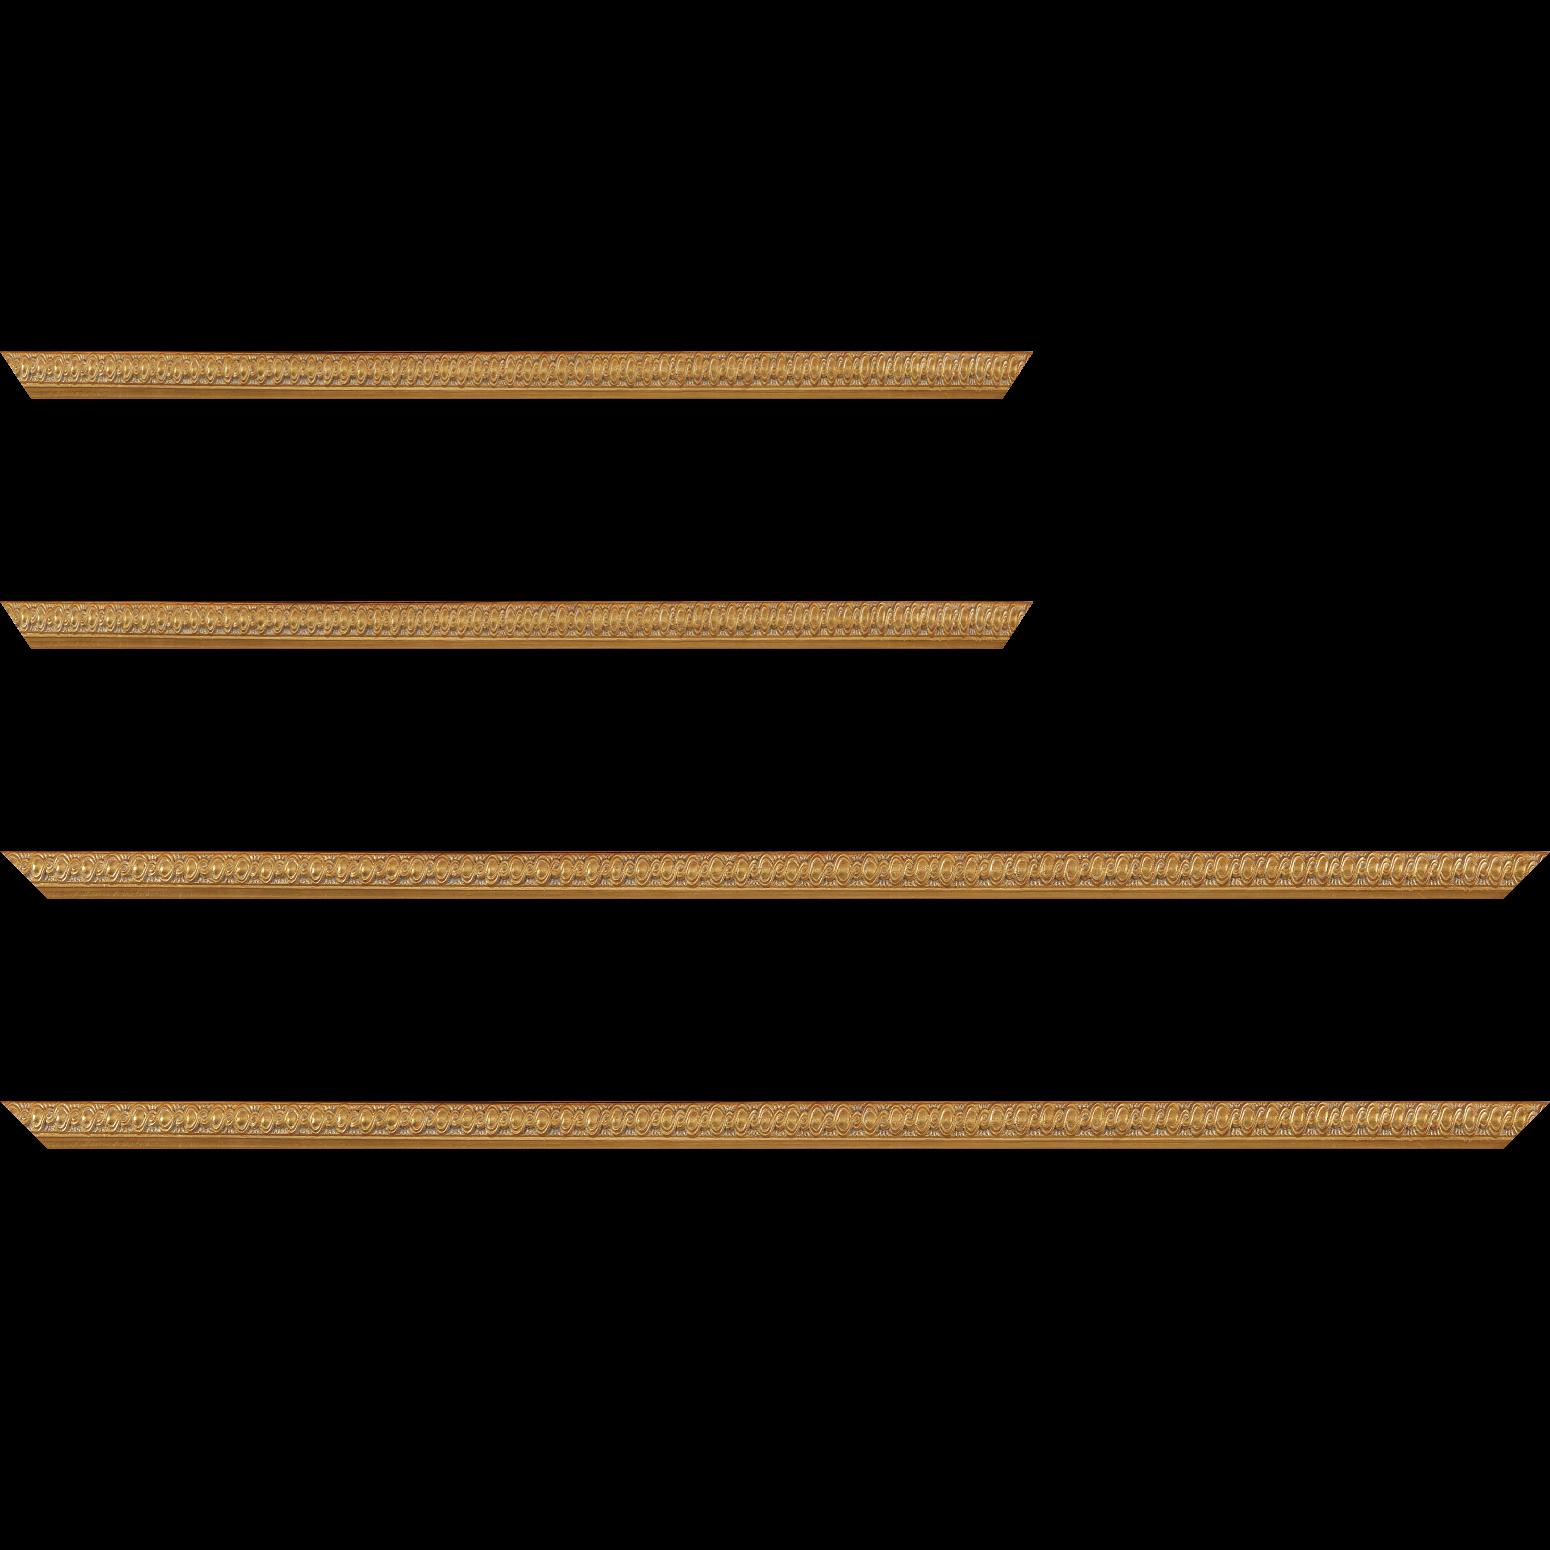 Baguette service précoupé Bois profil jonc largeur 1.5cm or style décor entrelacé